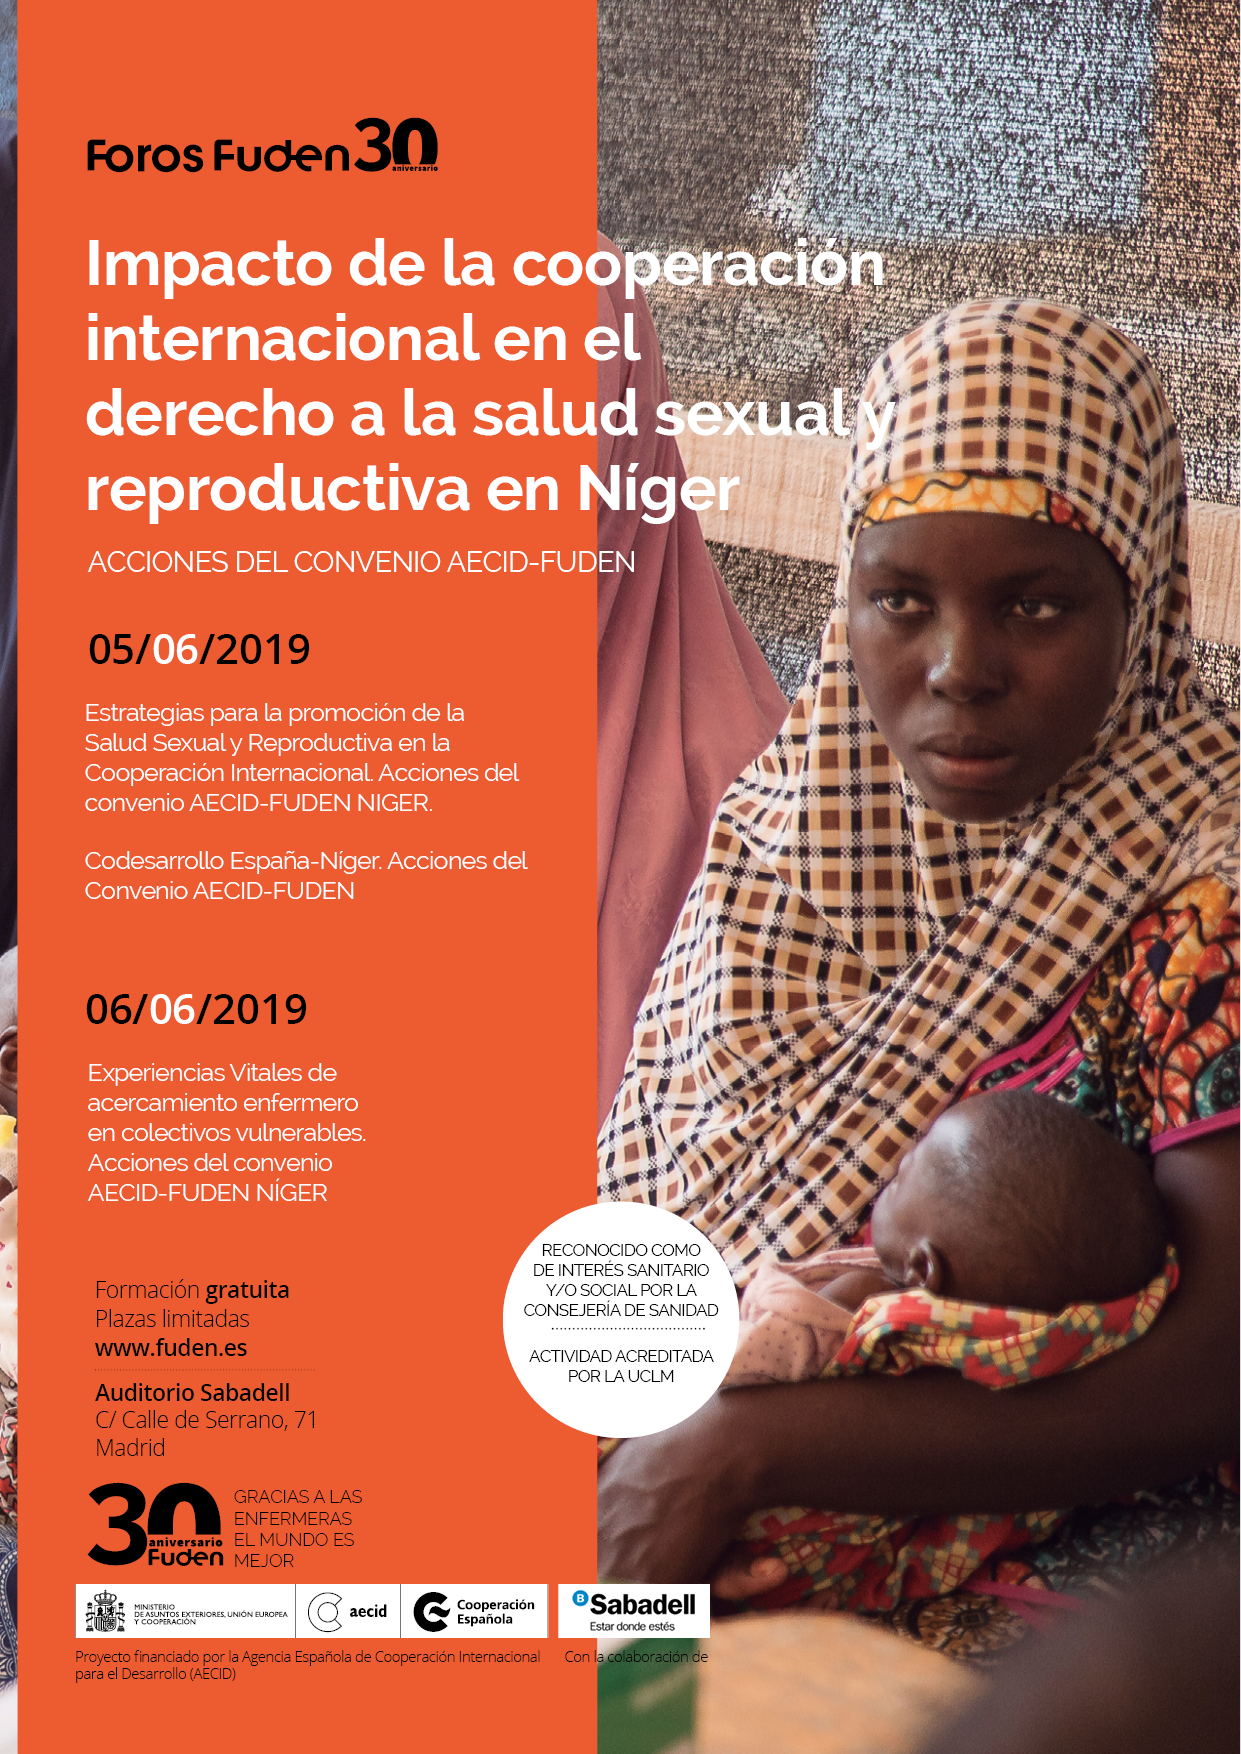 INSCRIPCIÓN. Impacto de la cooperación internacional en el derecho a la salud sexual y reproductiva en Níger. Acciones del convenio AECID-FUDEN